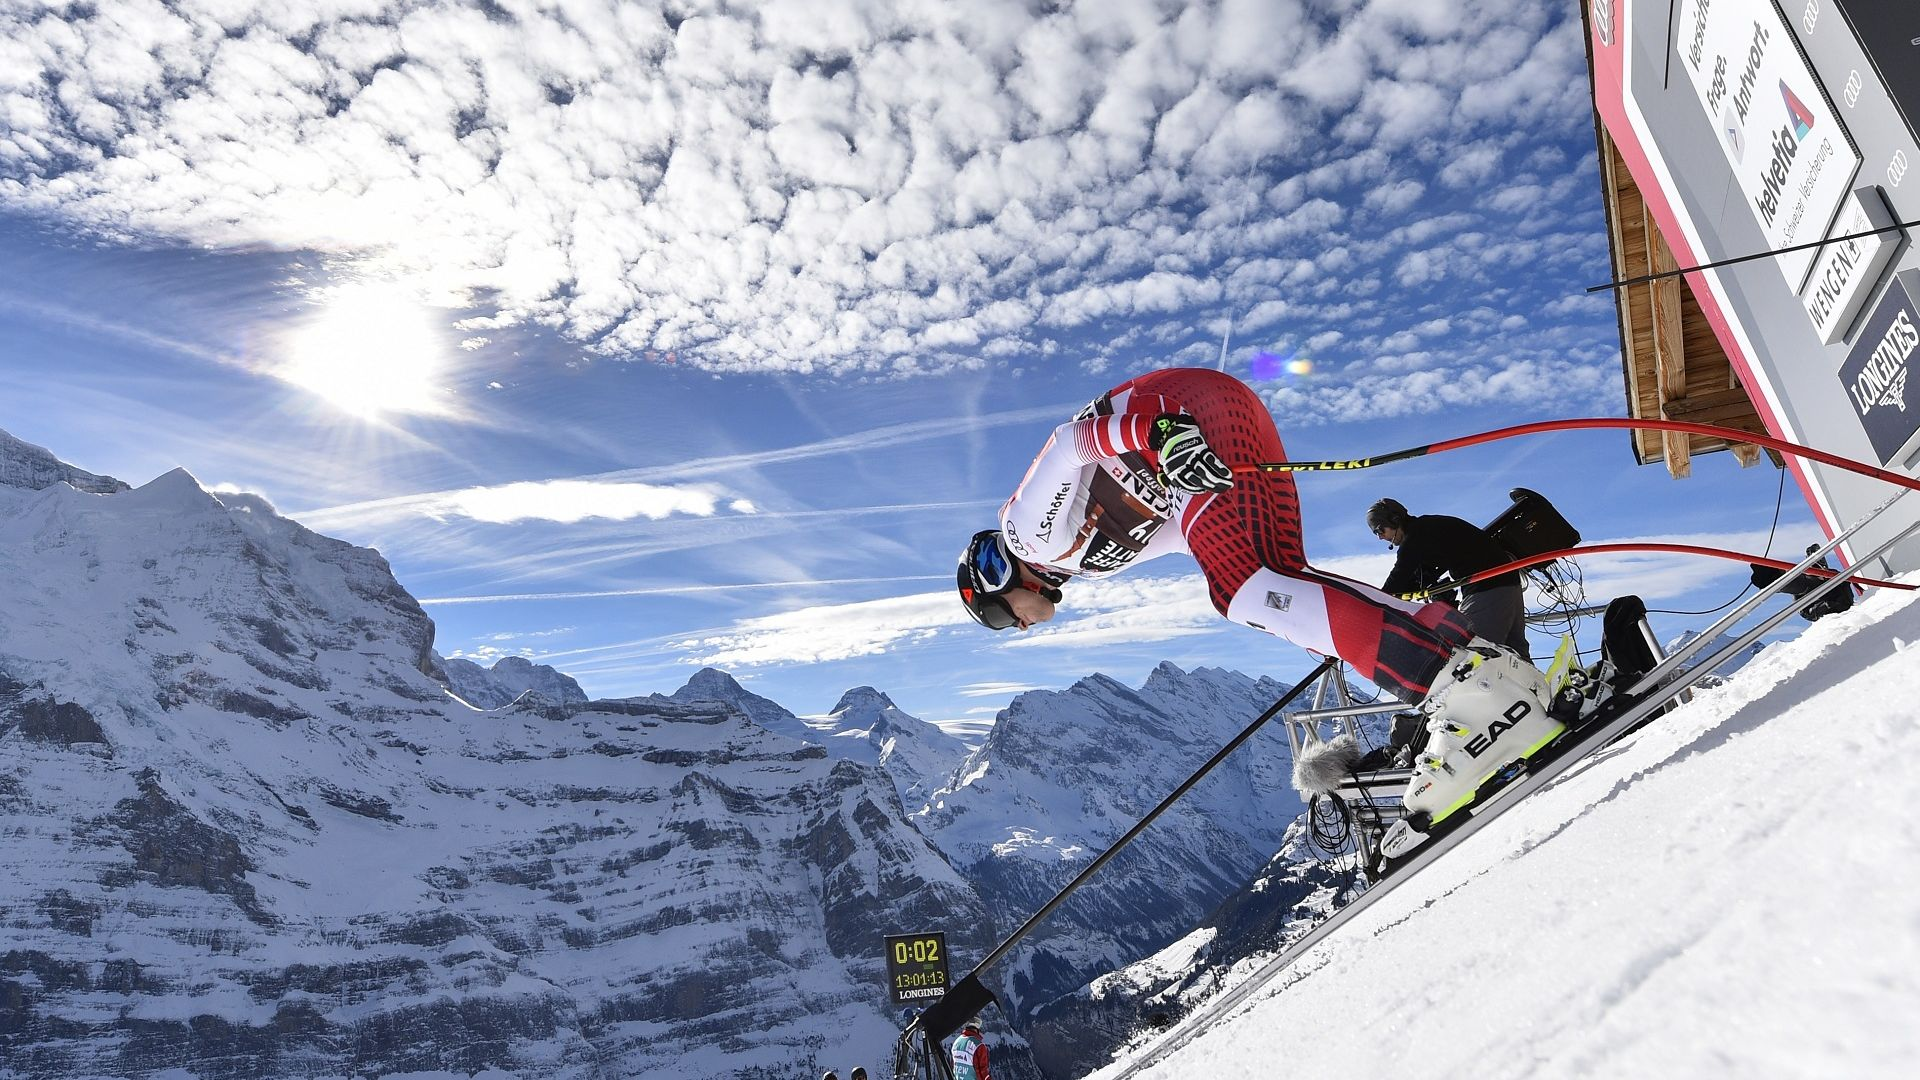 Обвиниха британски турист за провала на легендарното спускане във Венген